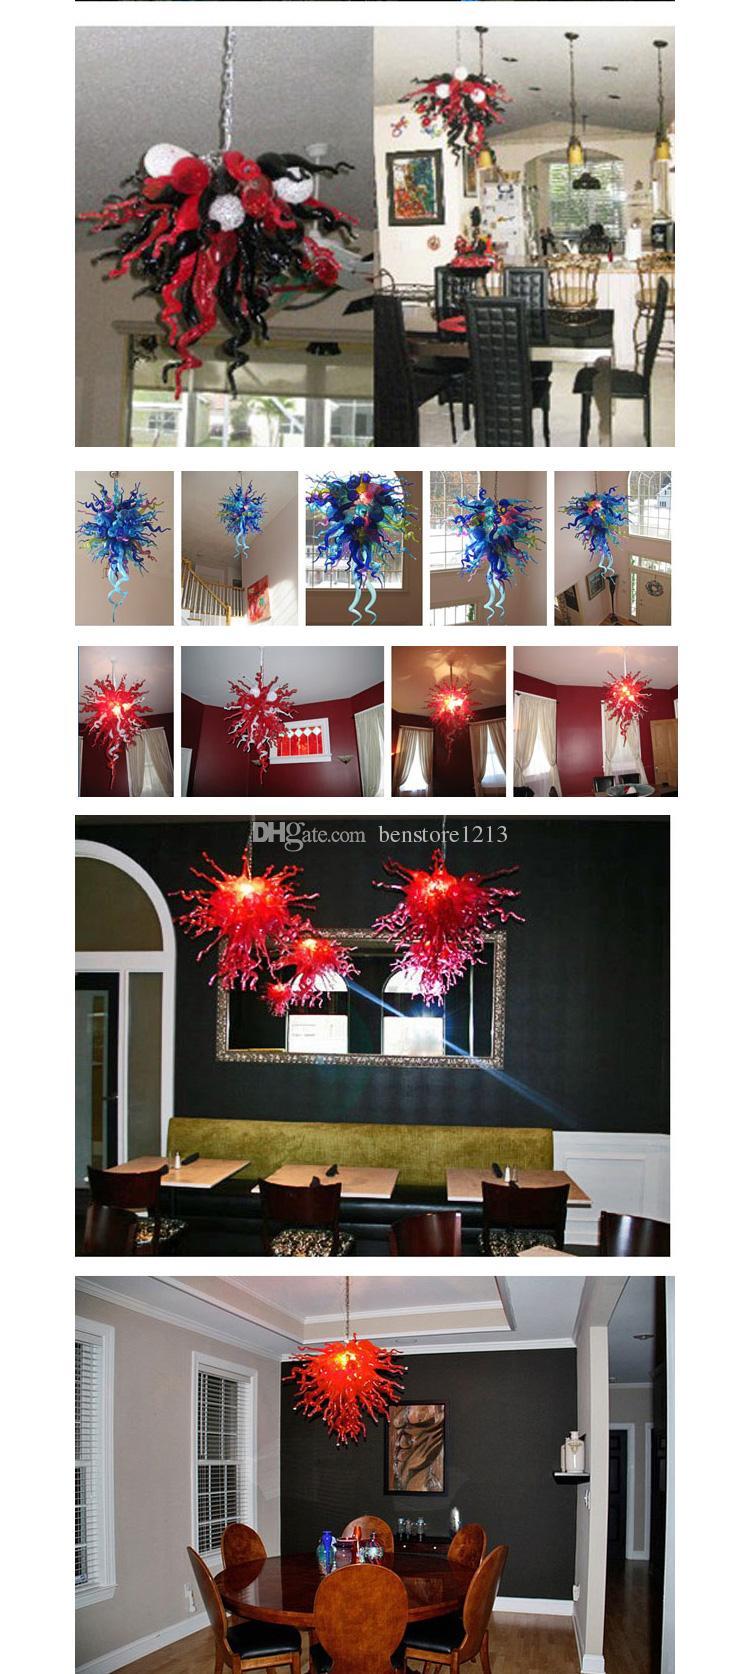 펜던트 램프 100 % 입 블로운 붕 규산 Murano 샹들리에 펜던트 라이트 아트 광택 앰버 컬러 유리 샹들리에